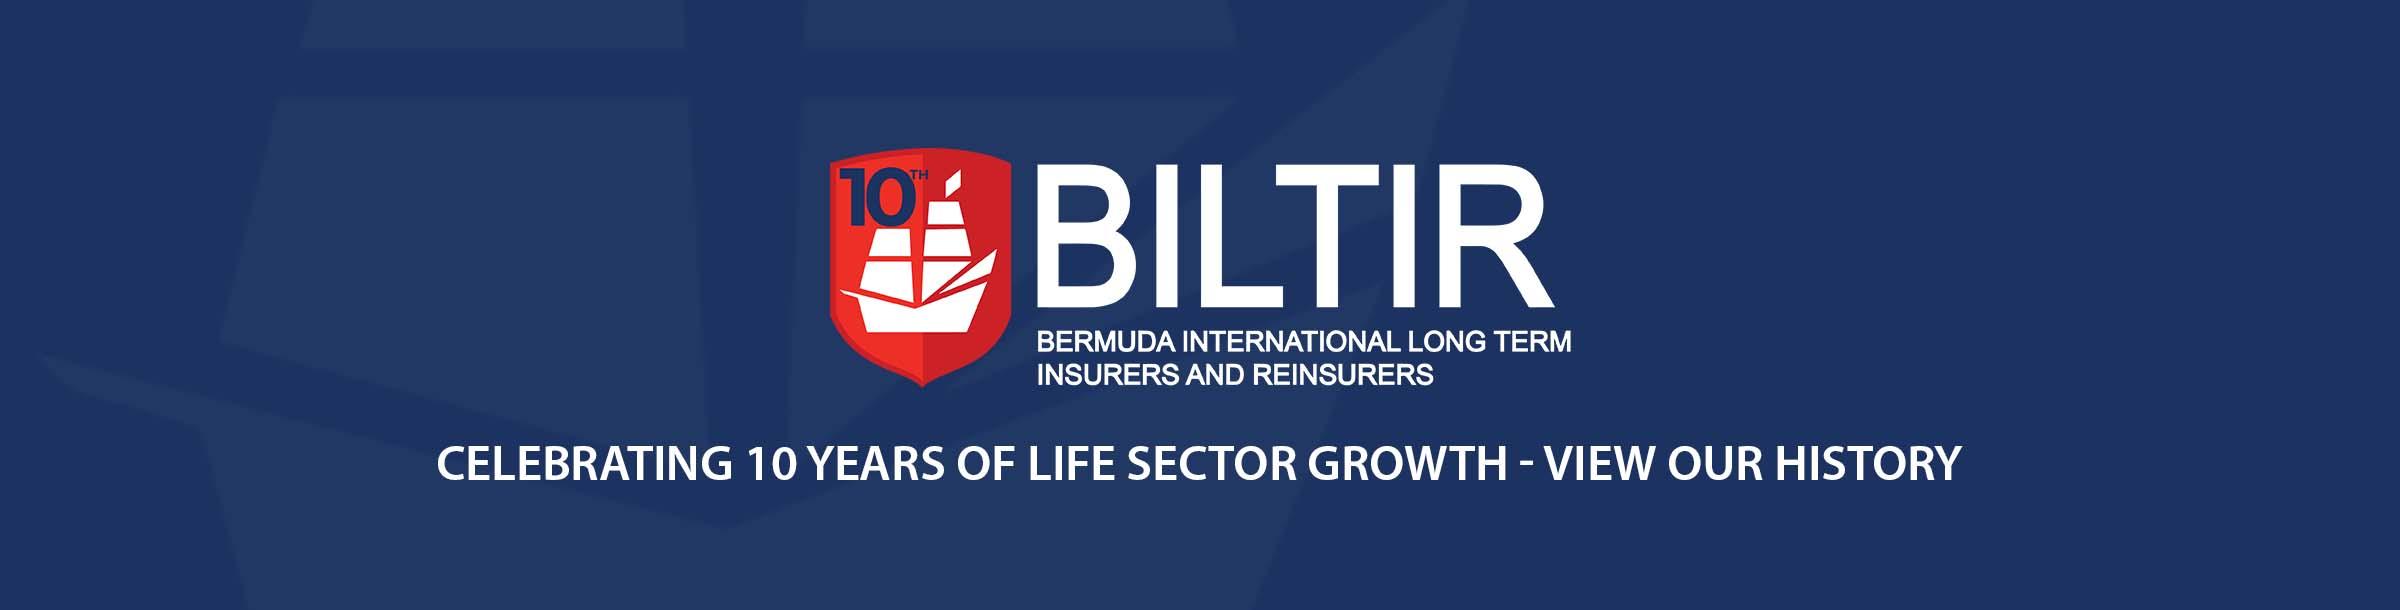 biltir-timeline-3